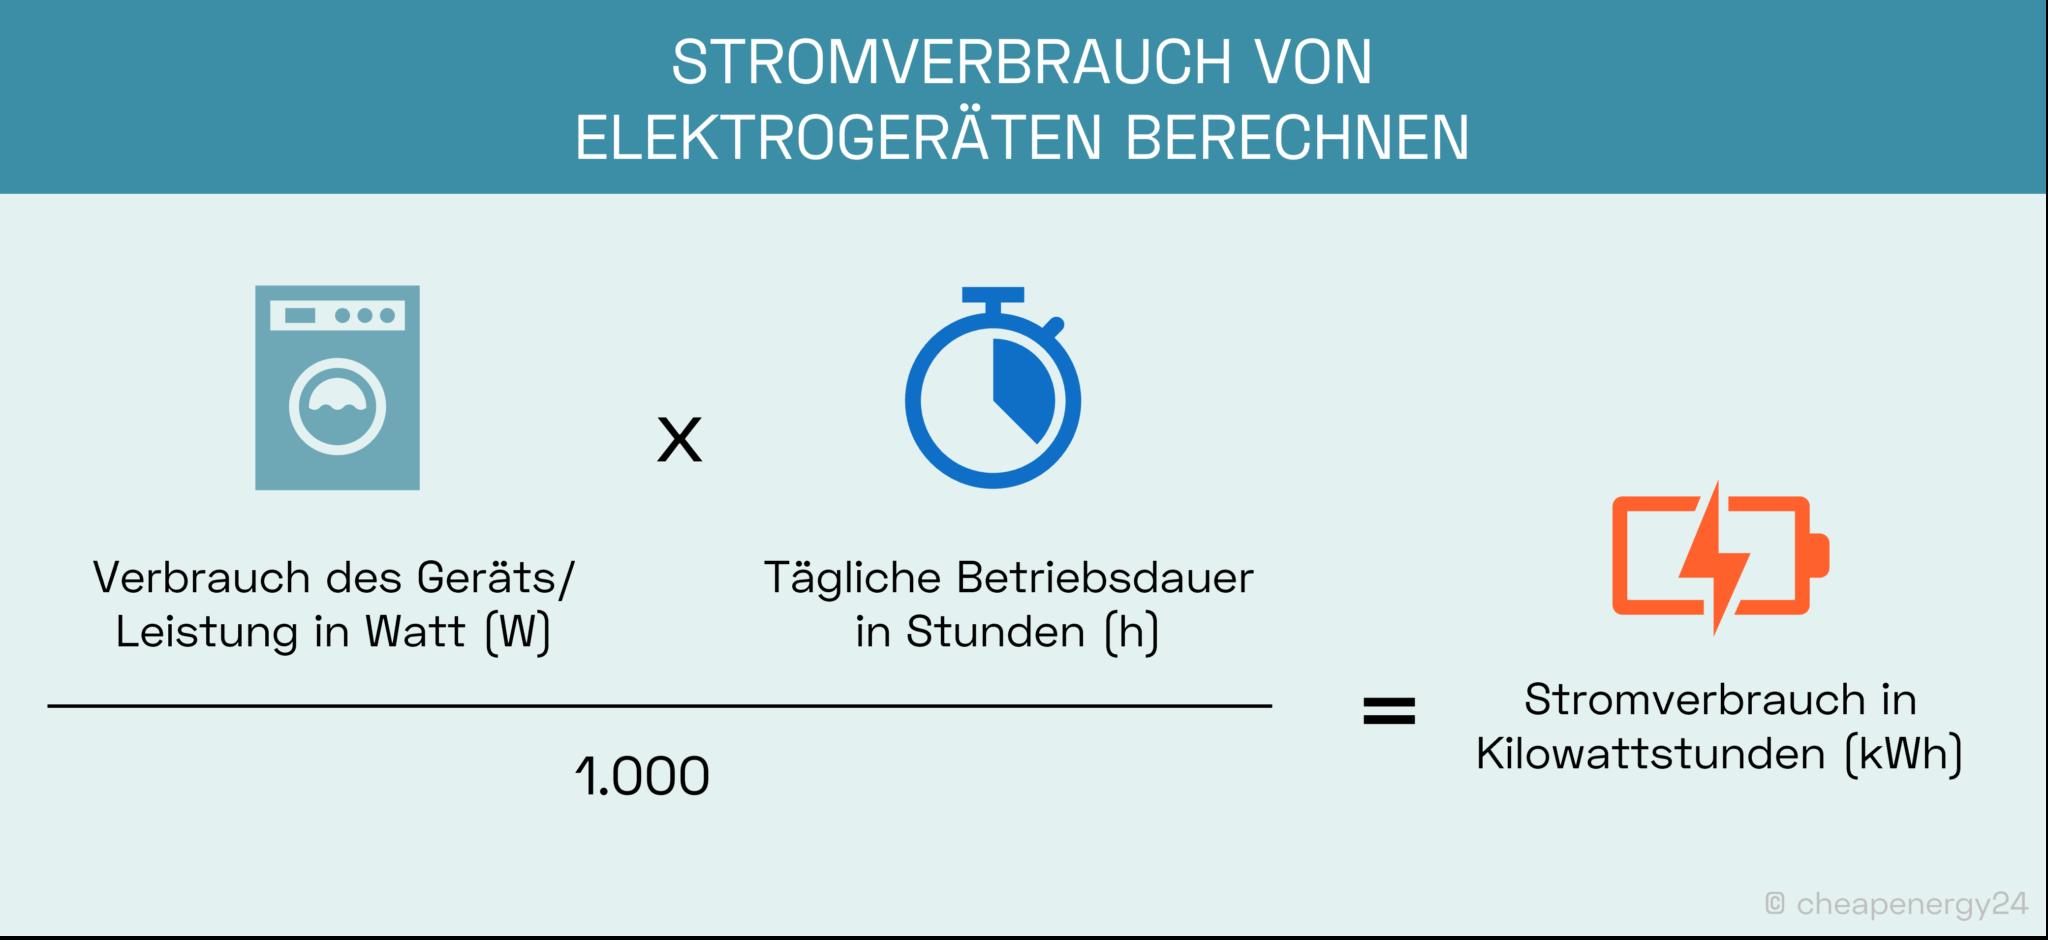 Stromverbrauch von Elektrogeräten berechnen